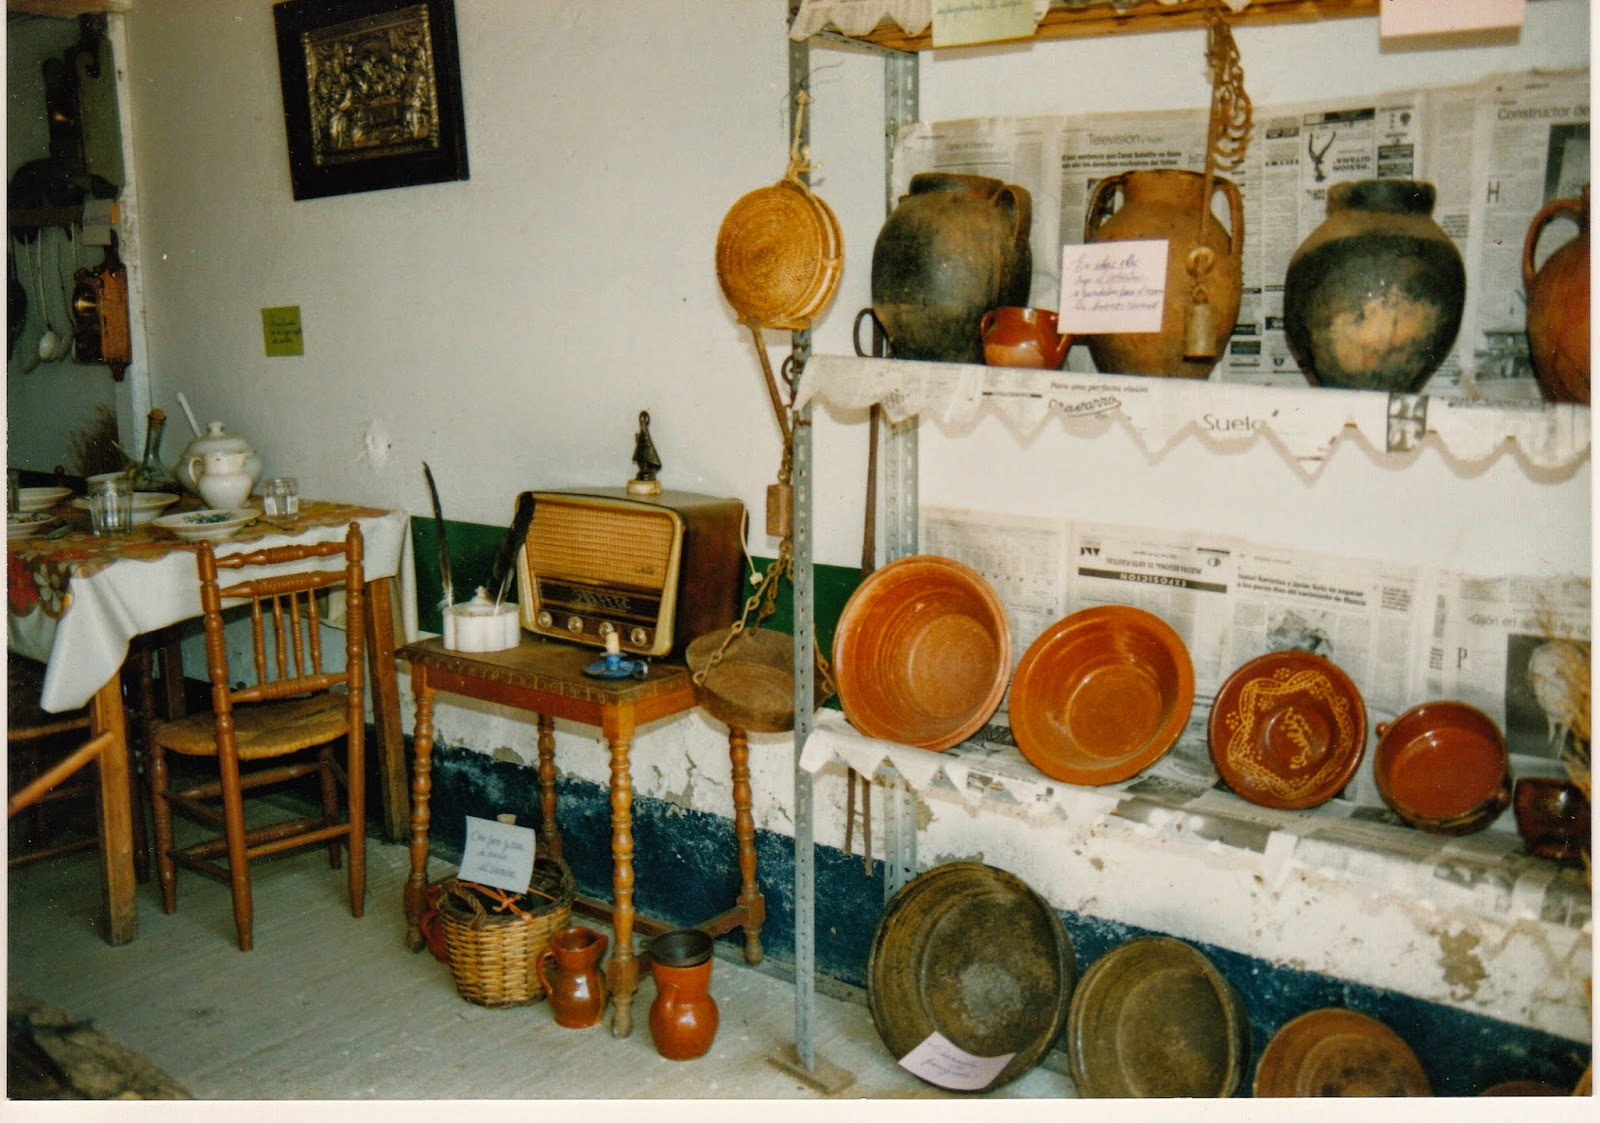 Mozos de cea exposiciones for Cacharros cocina